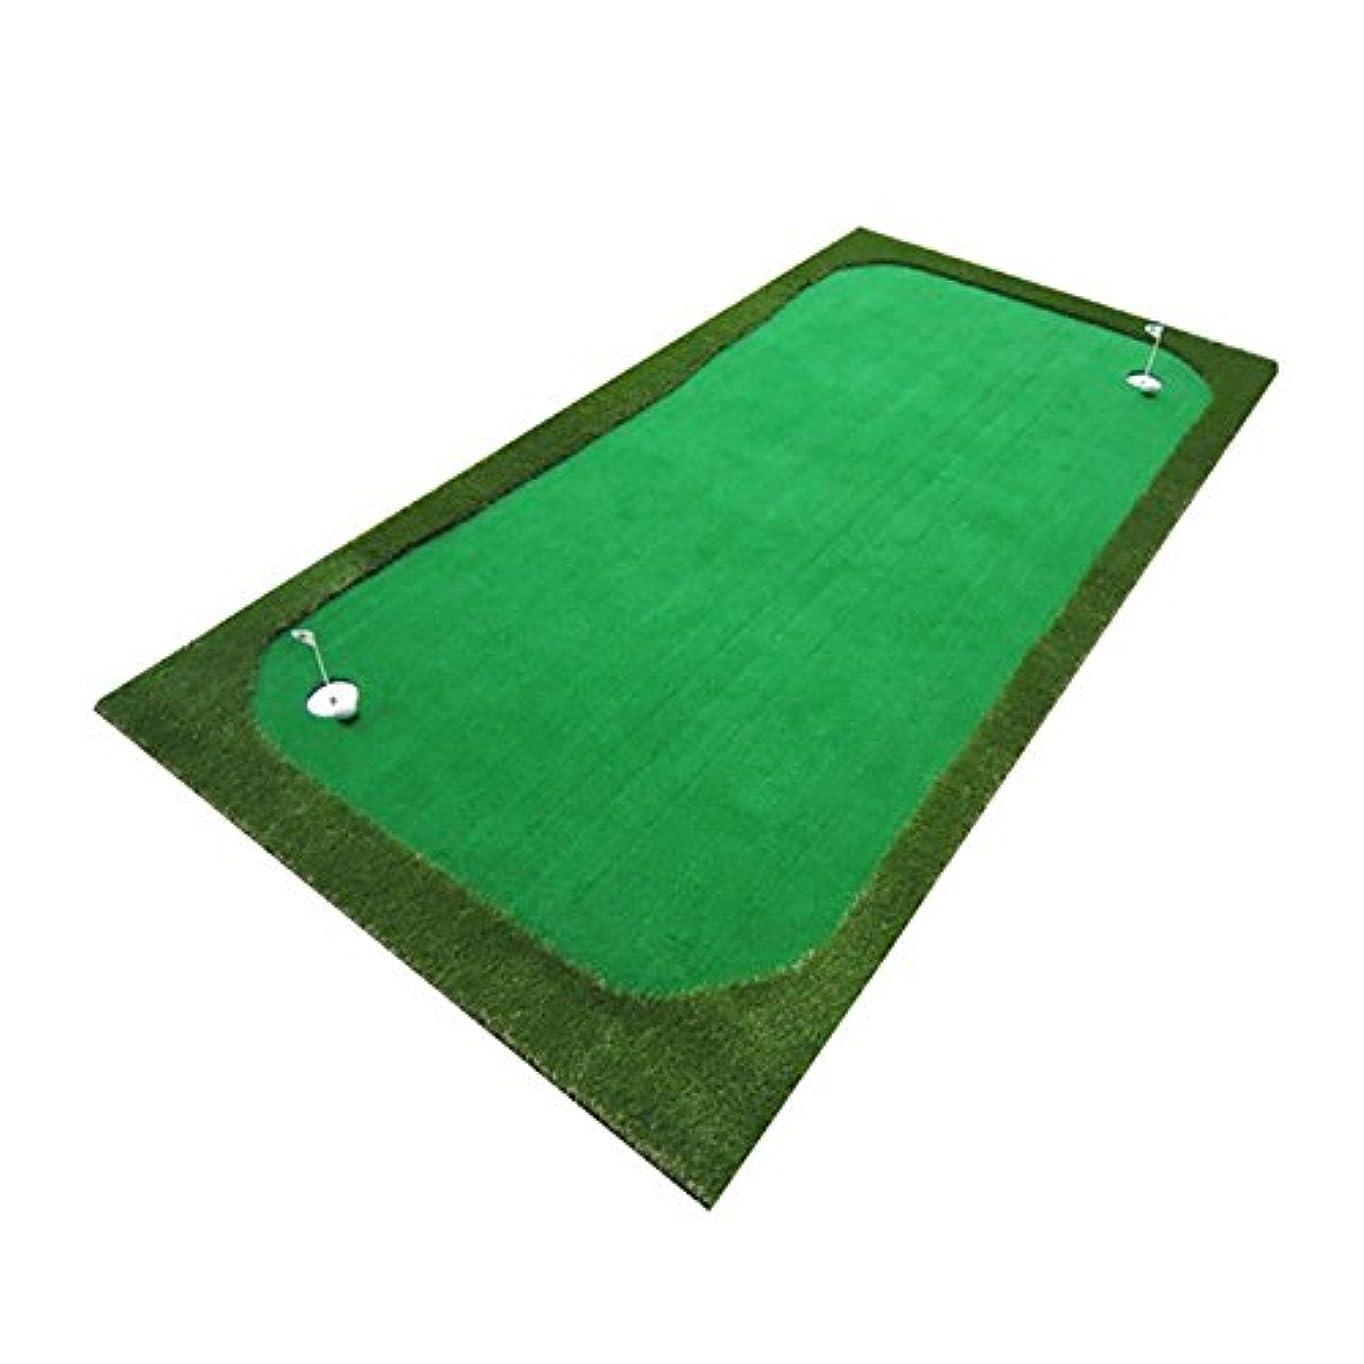 センサー運動とても多くのGF ゴルフマット - 室内ゴルフパッティング練習家オフィス家庭用グリーンパッティング練習毛布4サイズ ゴルフ補助教材 (Size : 150cm*300cm)